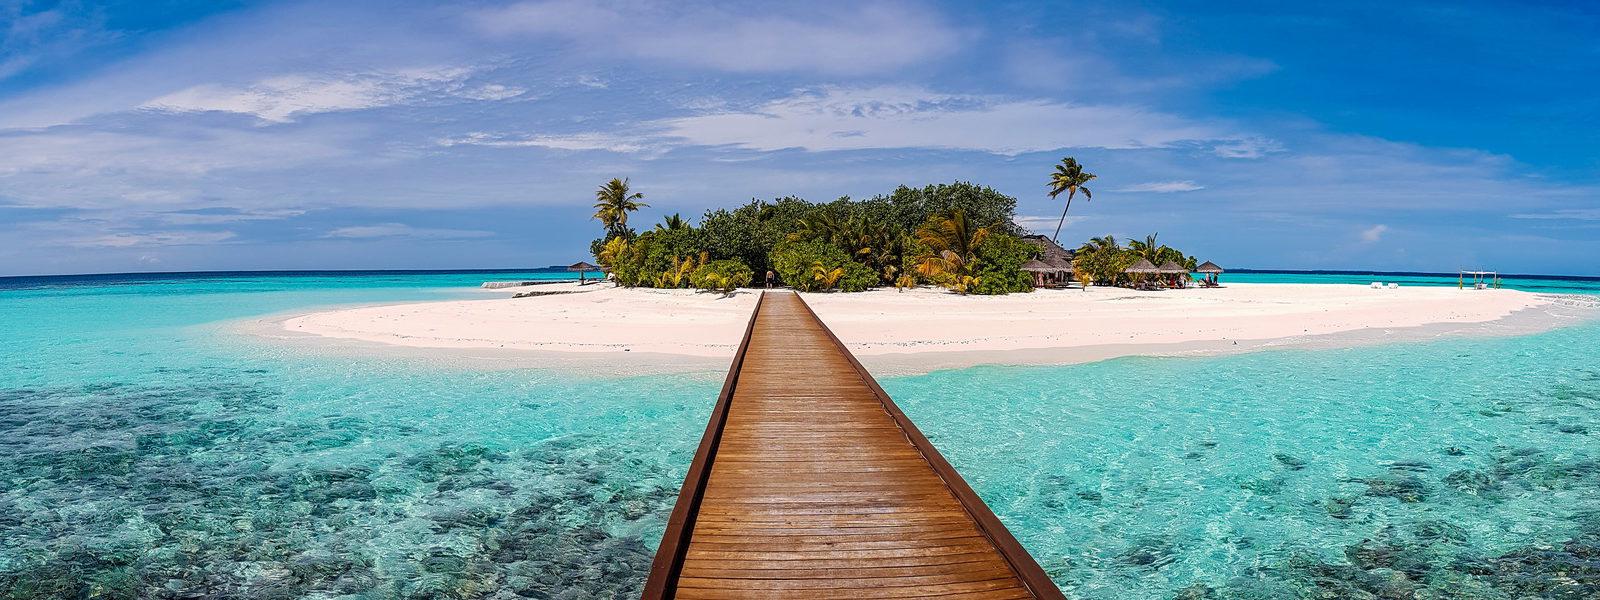 Reiseschecks werden auf den Malediven nicht akzeptiert